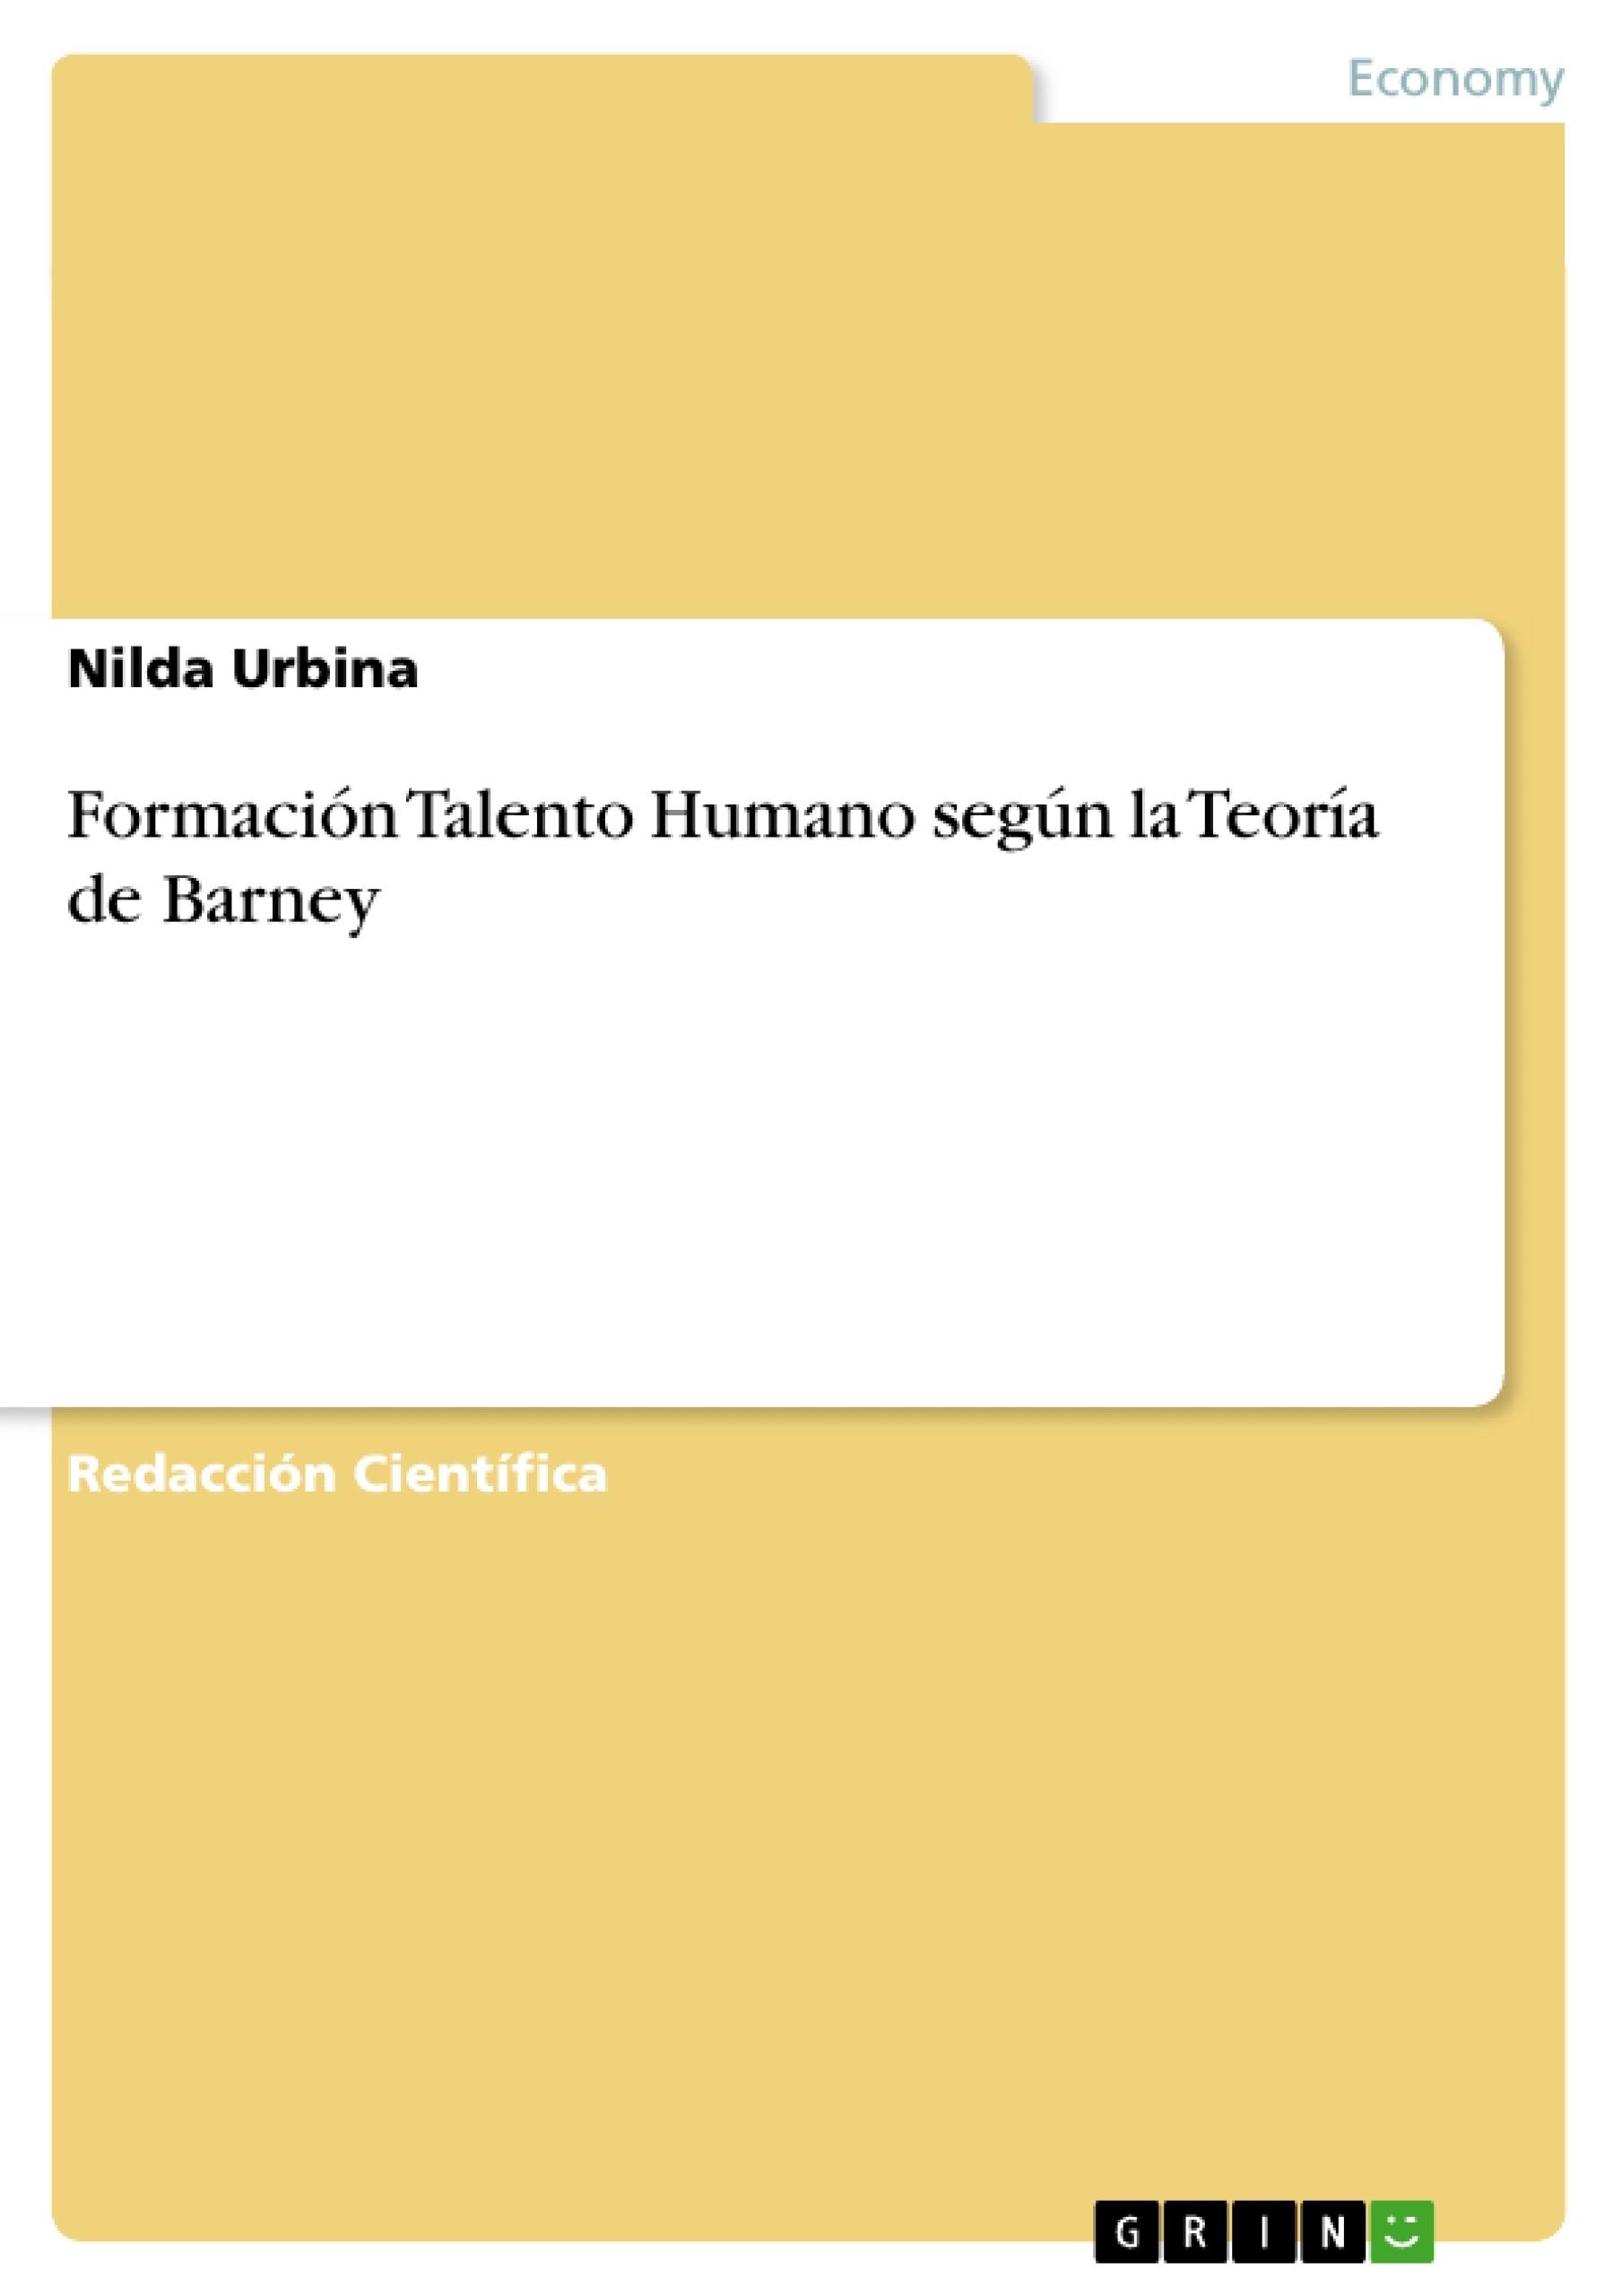 Título: Formación Talento Humano según la Teoría de Barney